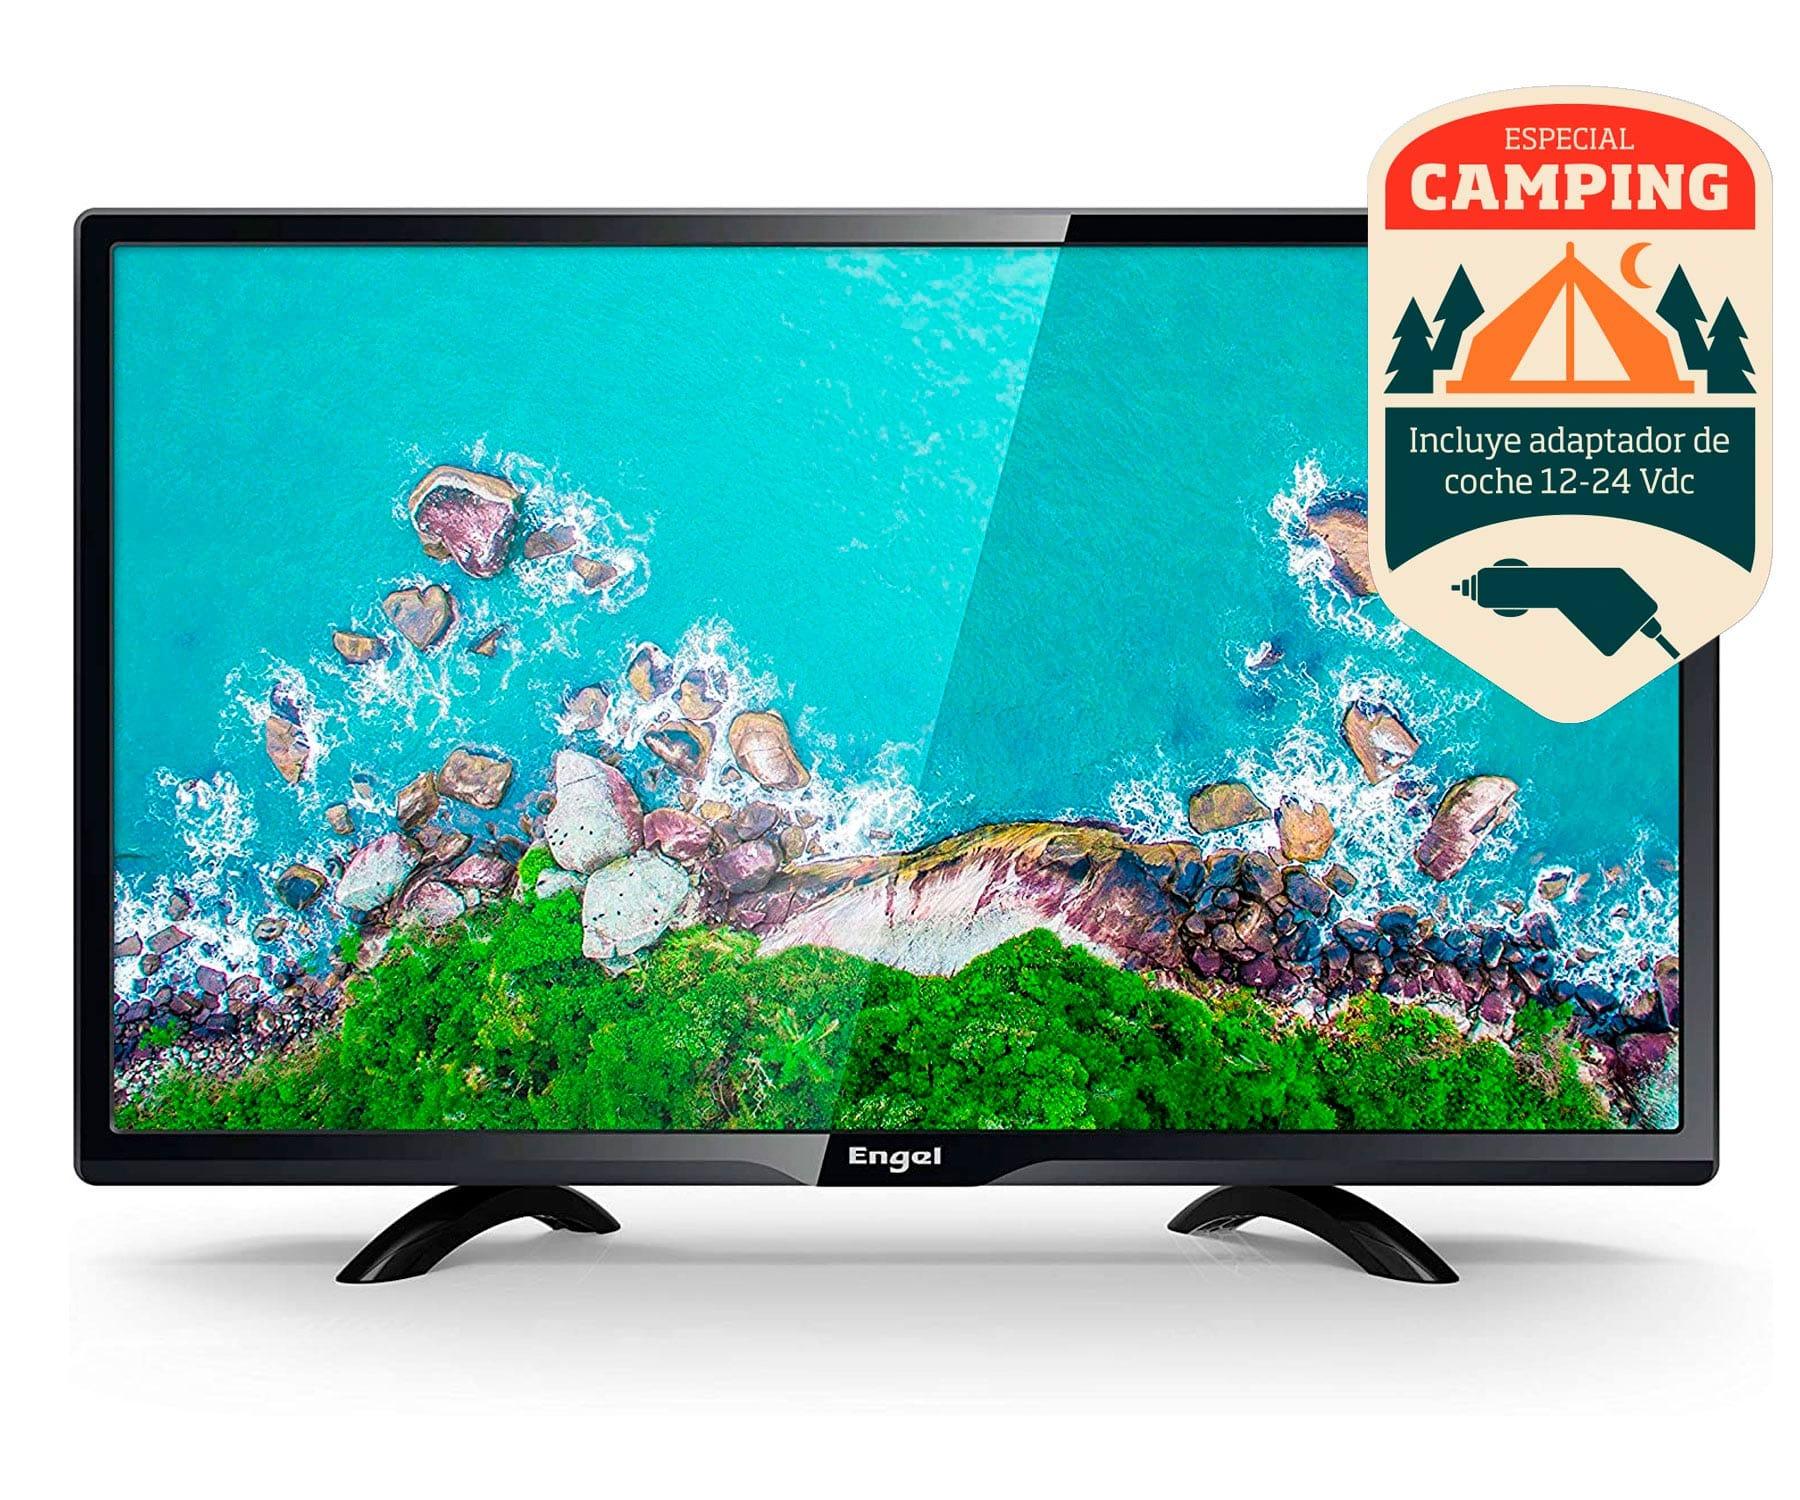 ENGEL 24LE2462T2 TELEVISOR 24'' HD ESPECIAL CAMPING 12V